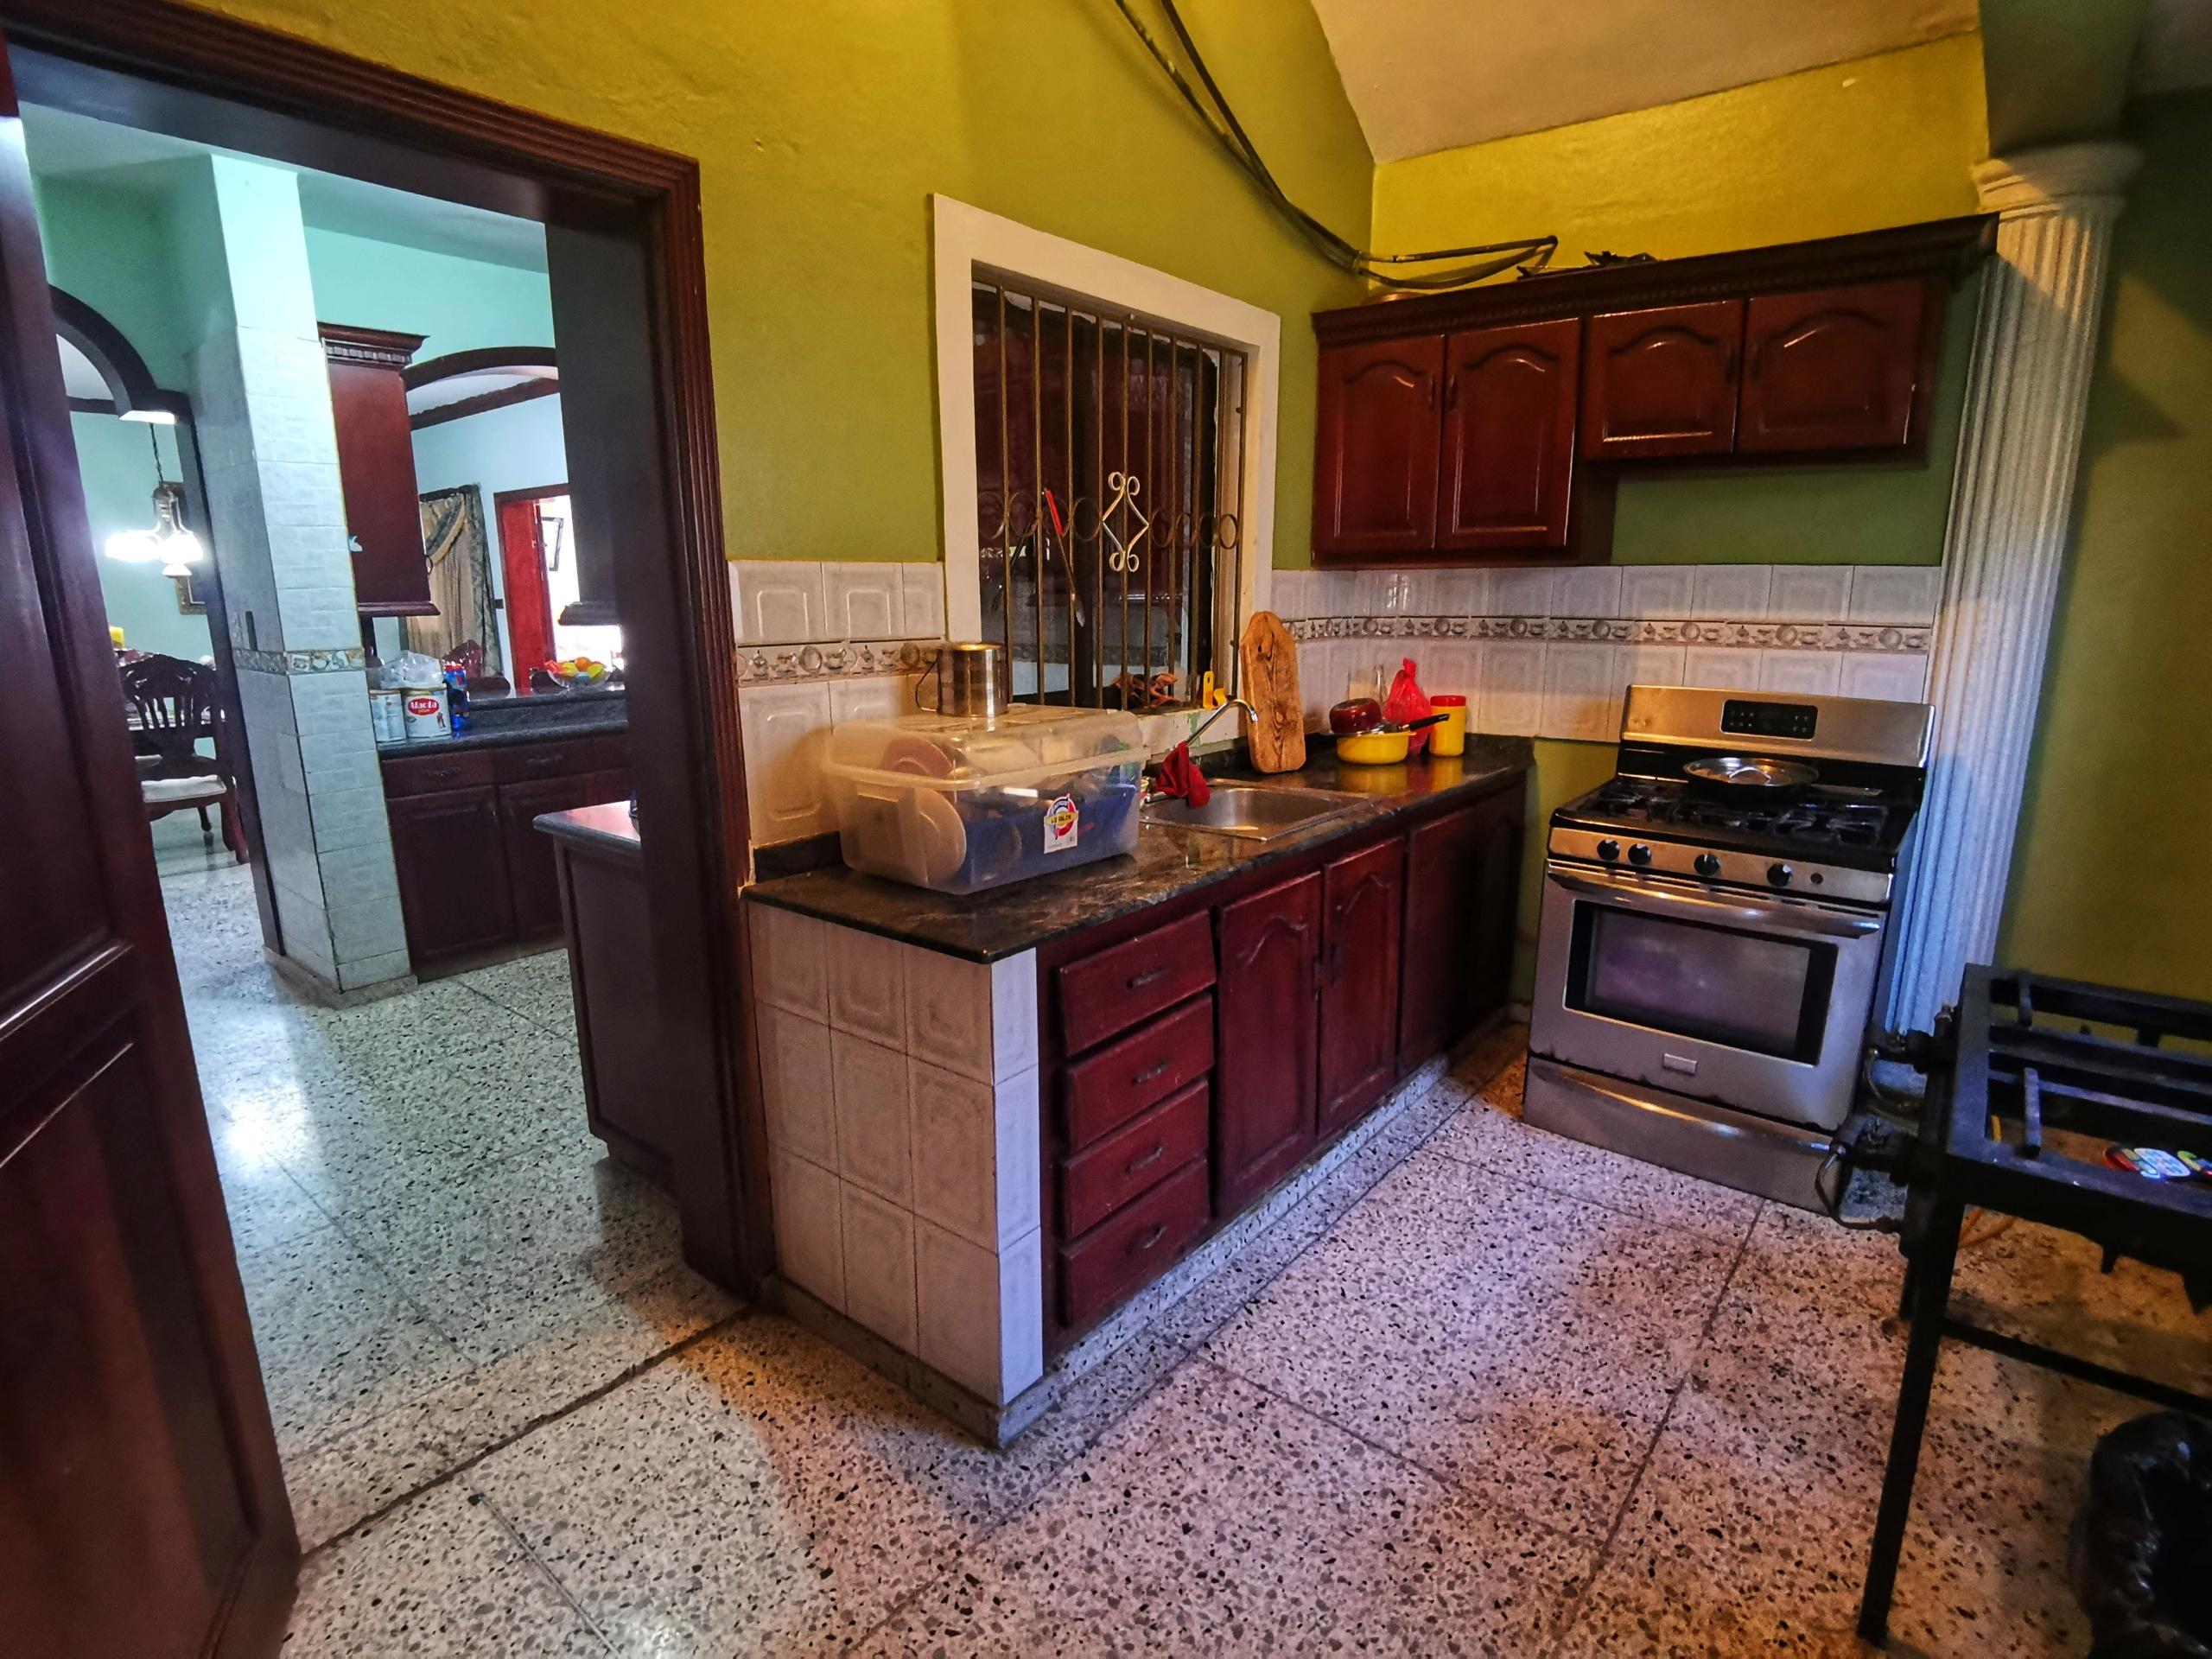 casa-home-house-lobos-realtors-rd-dominican-republic-santo-domingo (18)